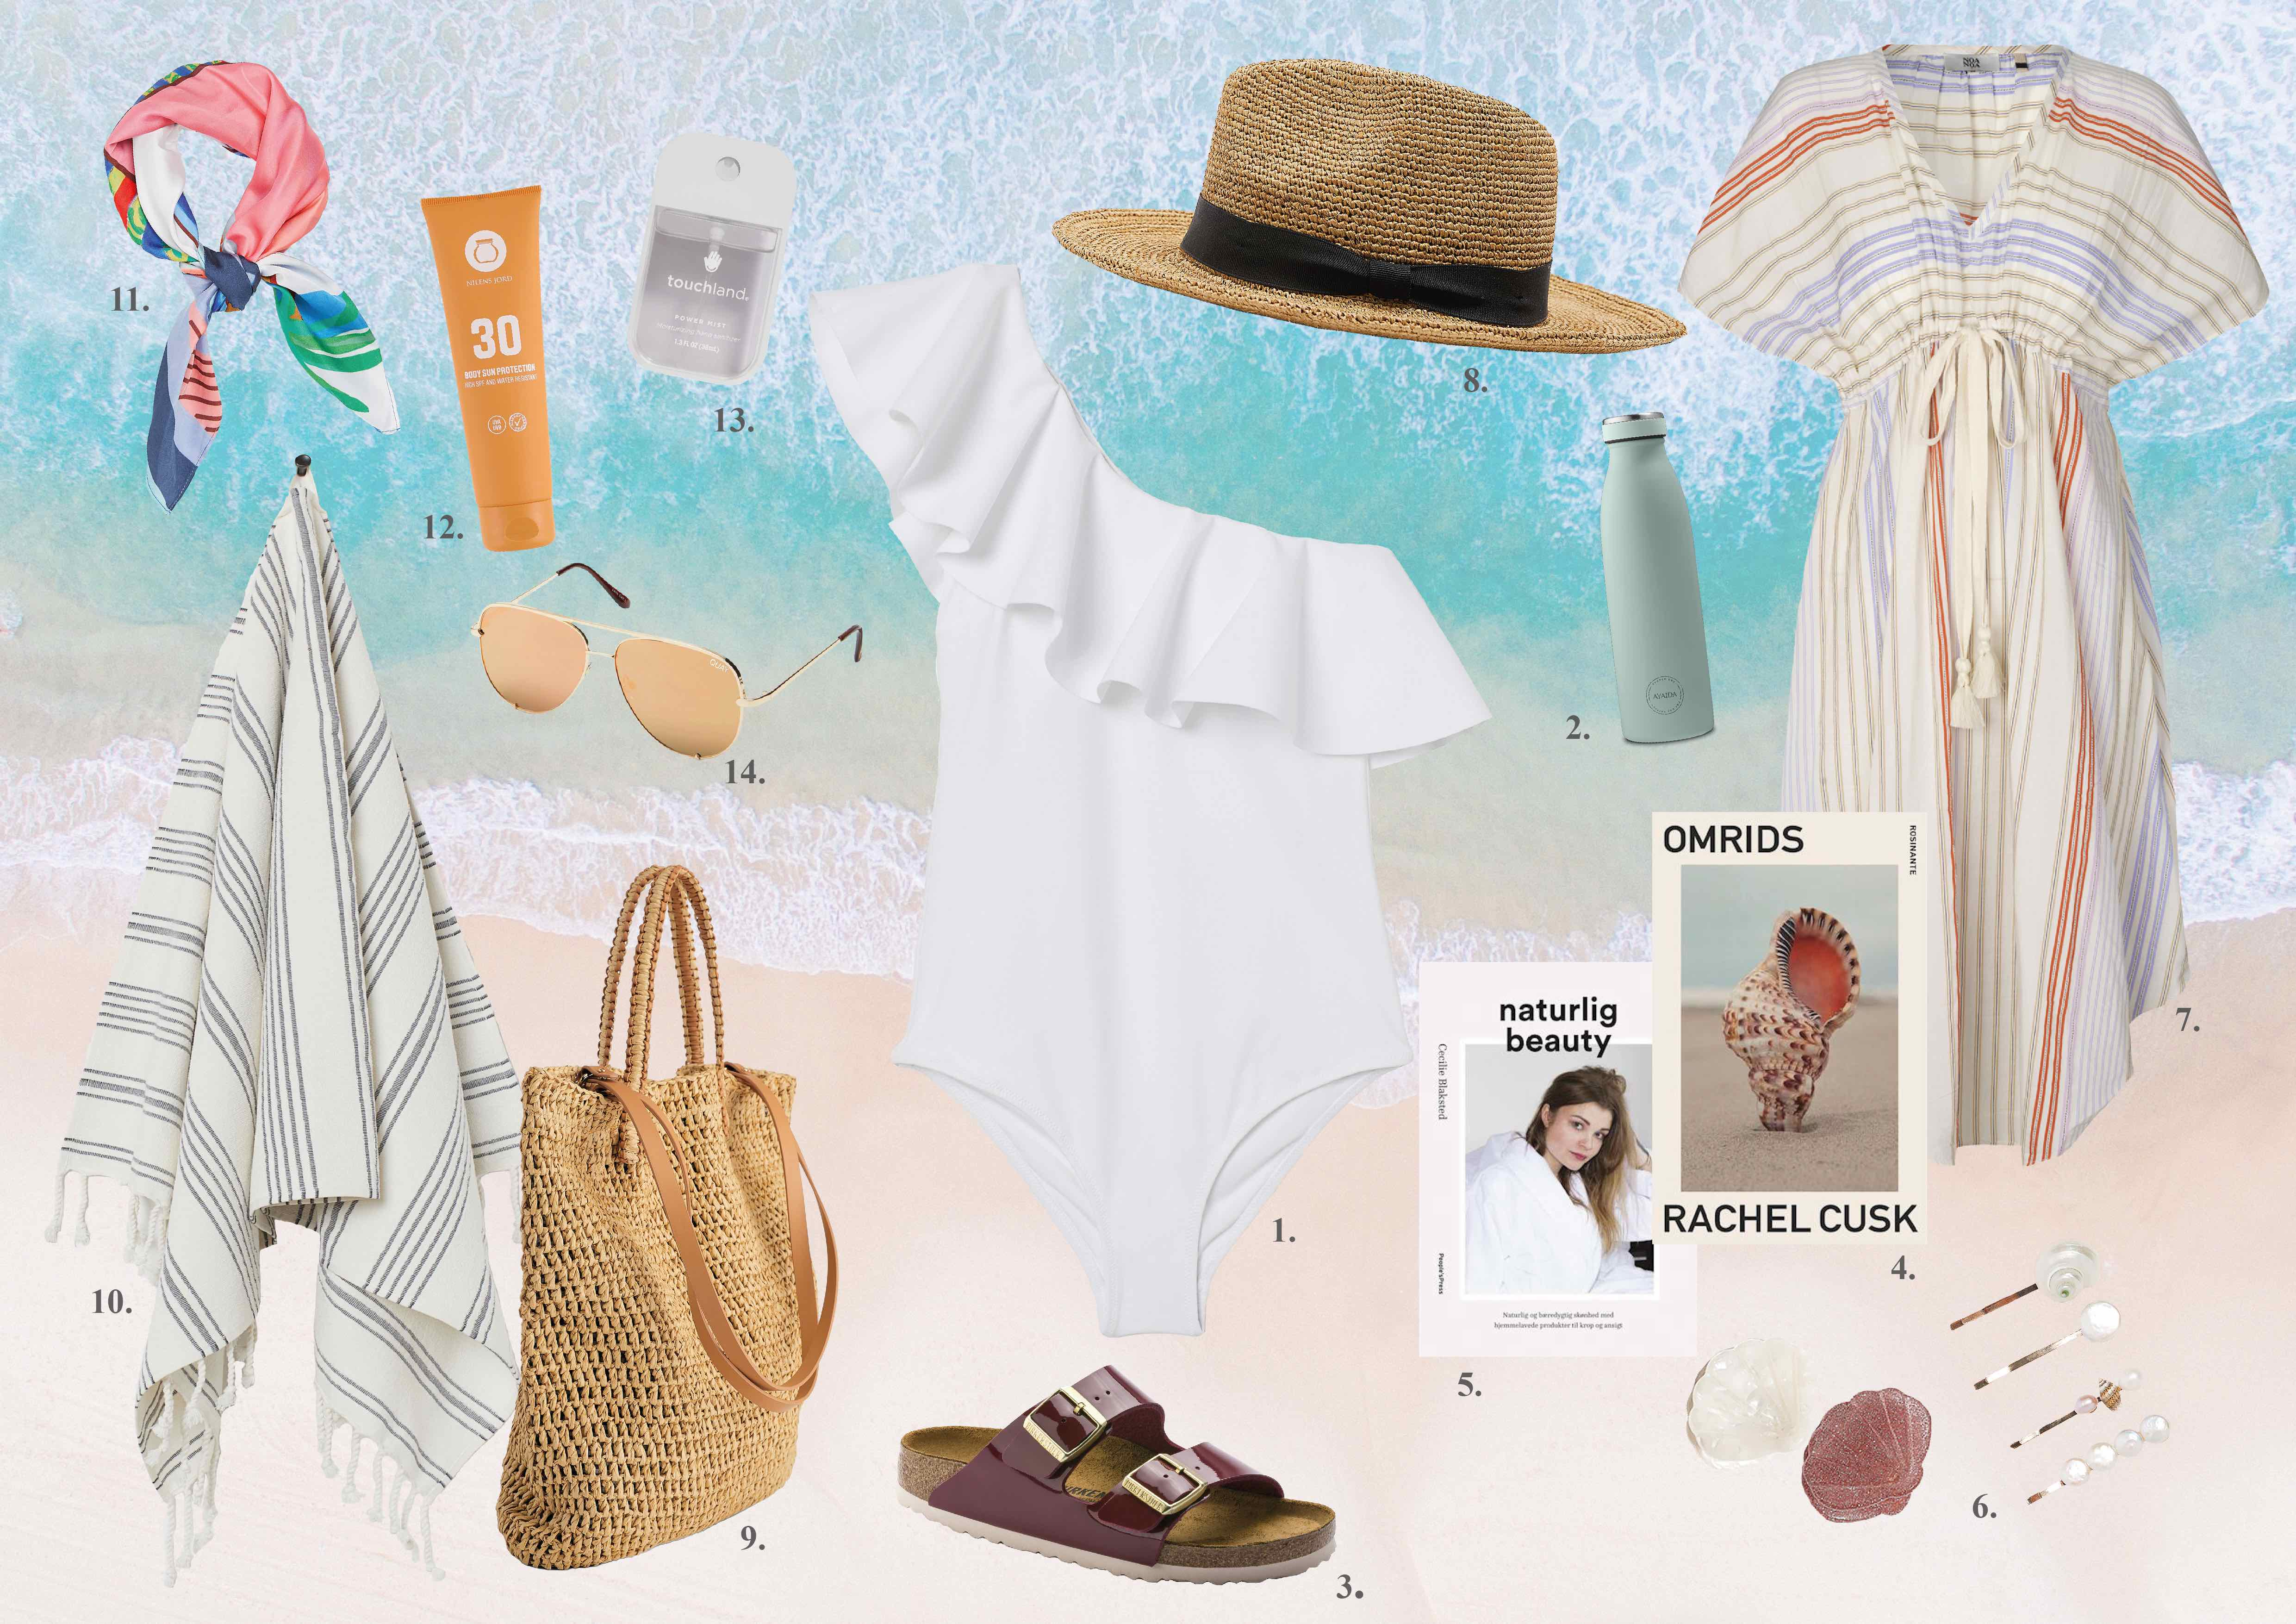 Kollage, collage, et look en badedragt, sommeroutfit, look, summer, styleguide